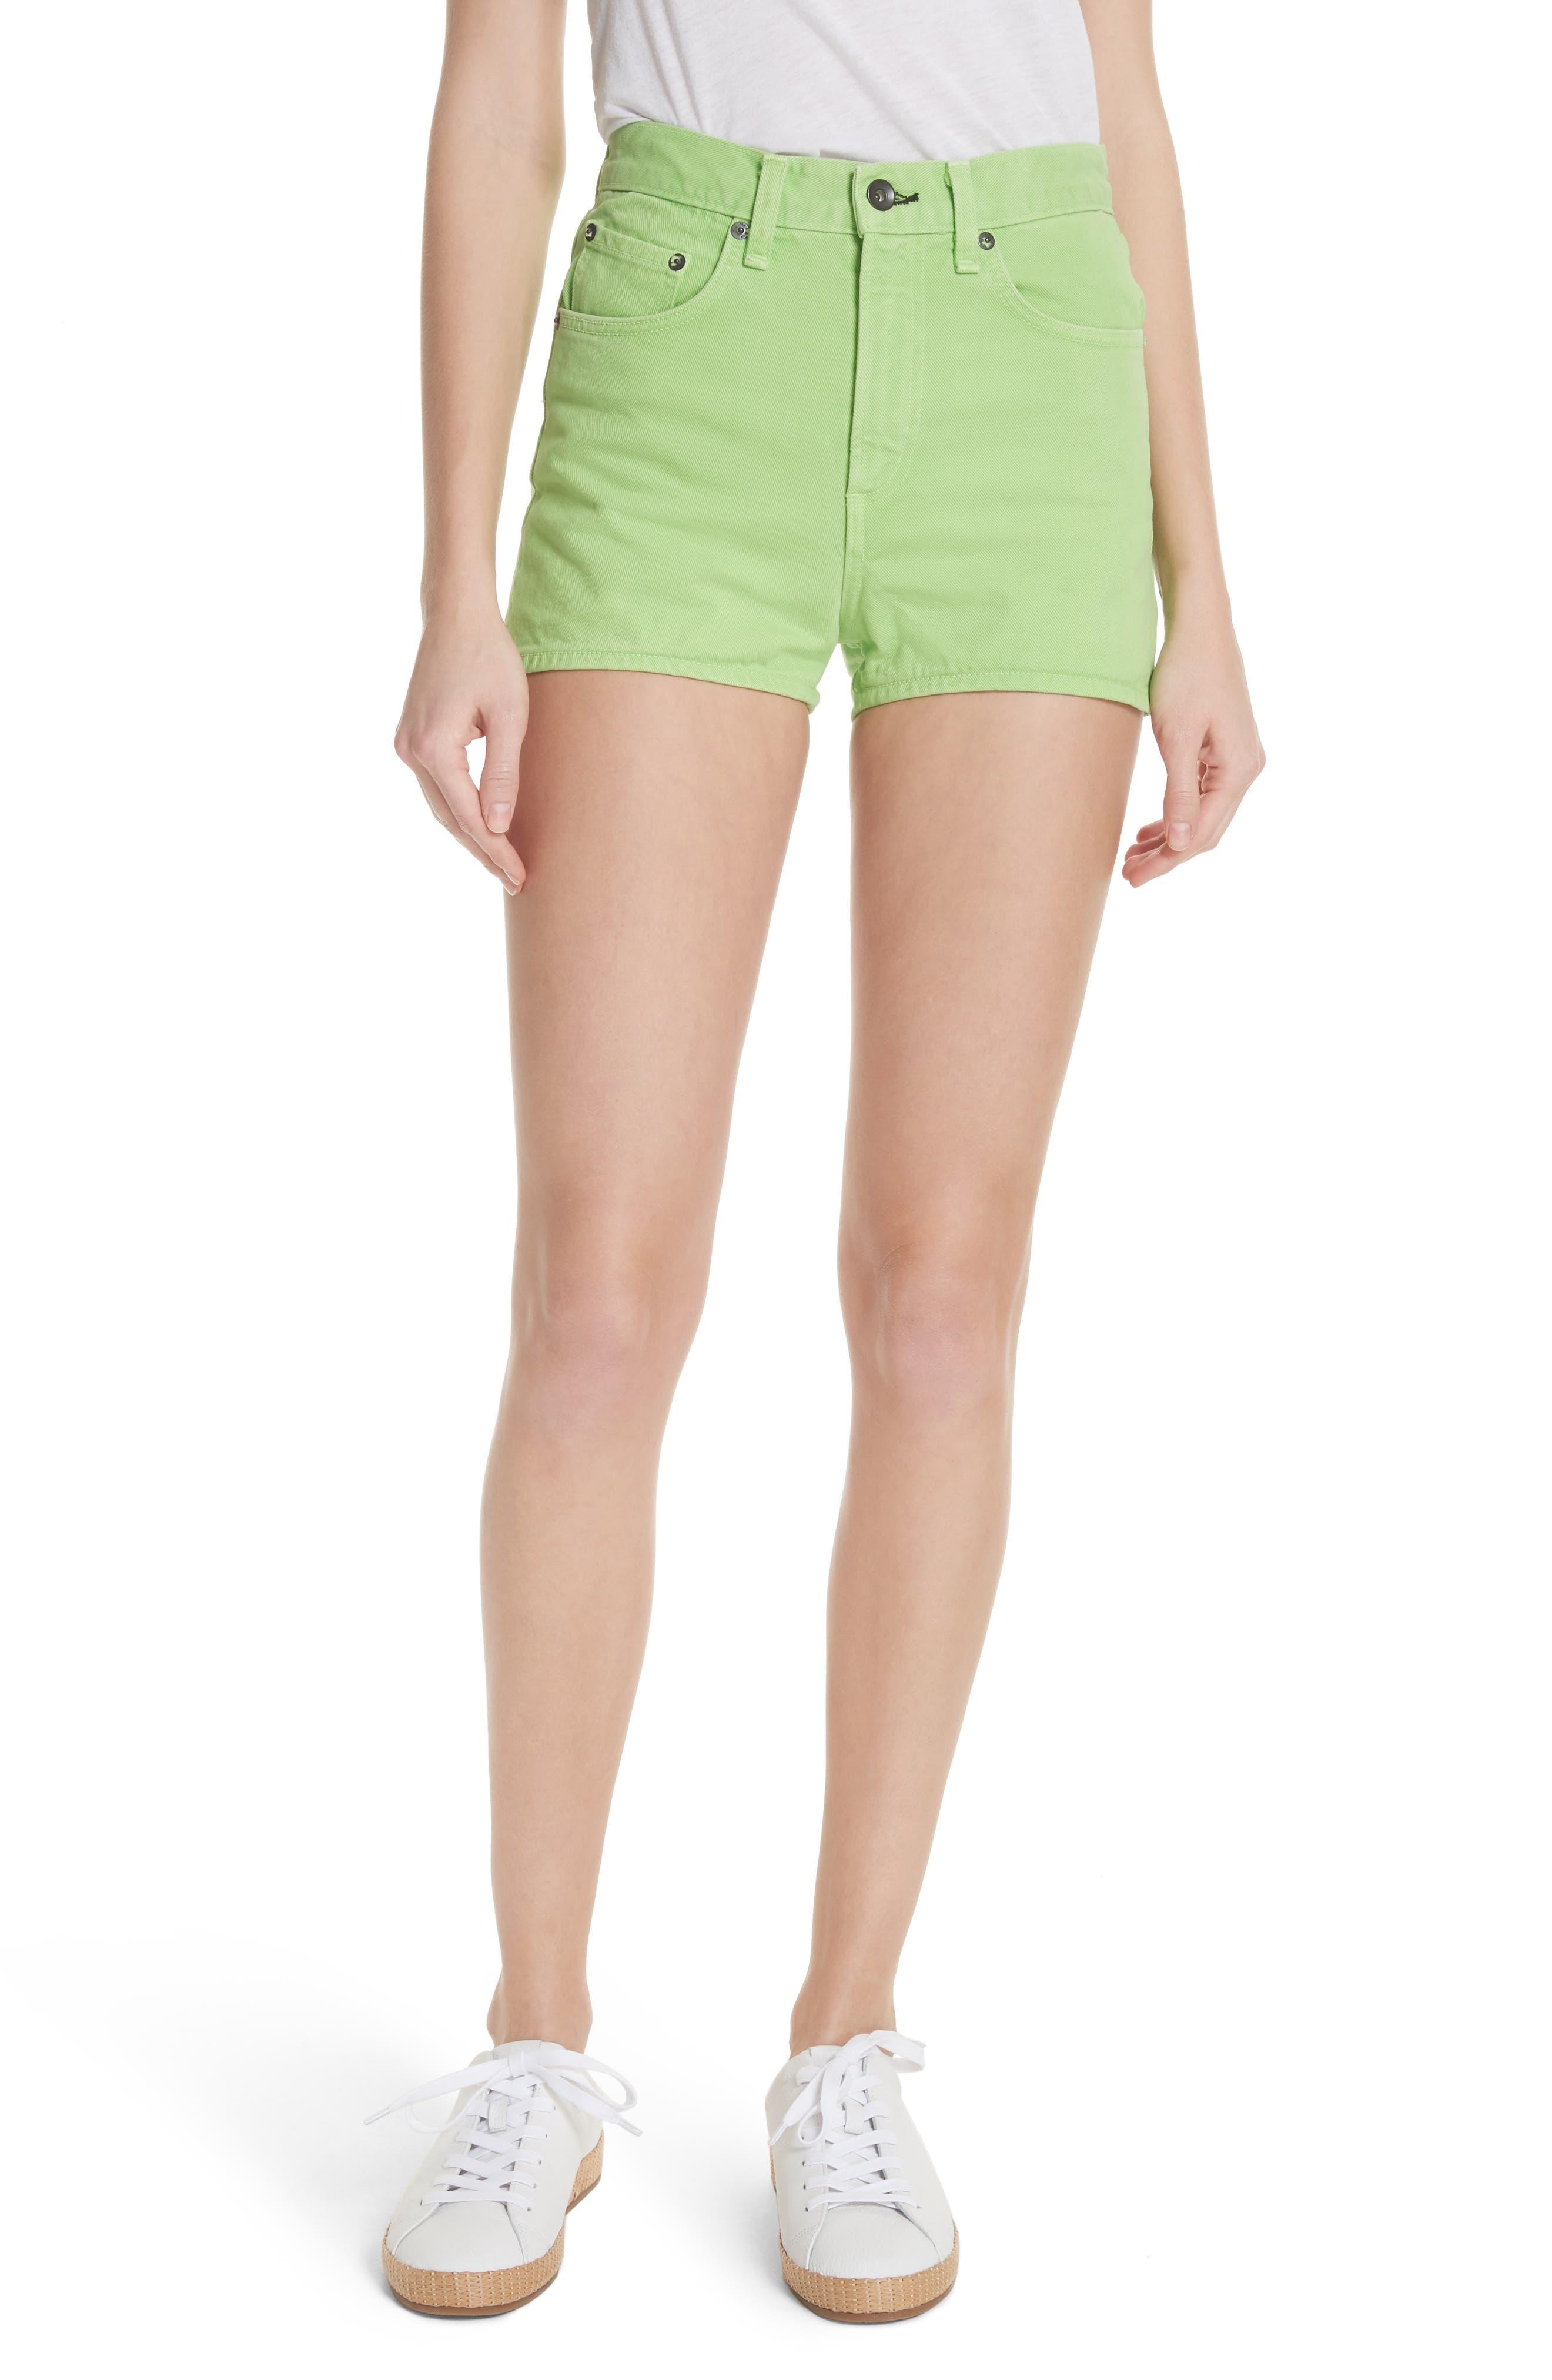 Justine High Waist Denim Shorts,                             Main thumbnail 1, color,                             371